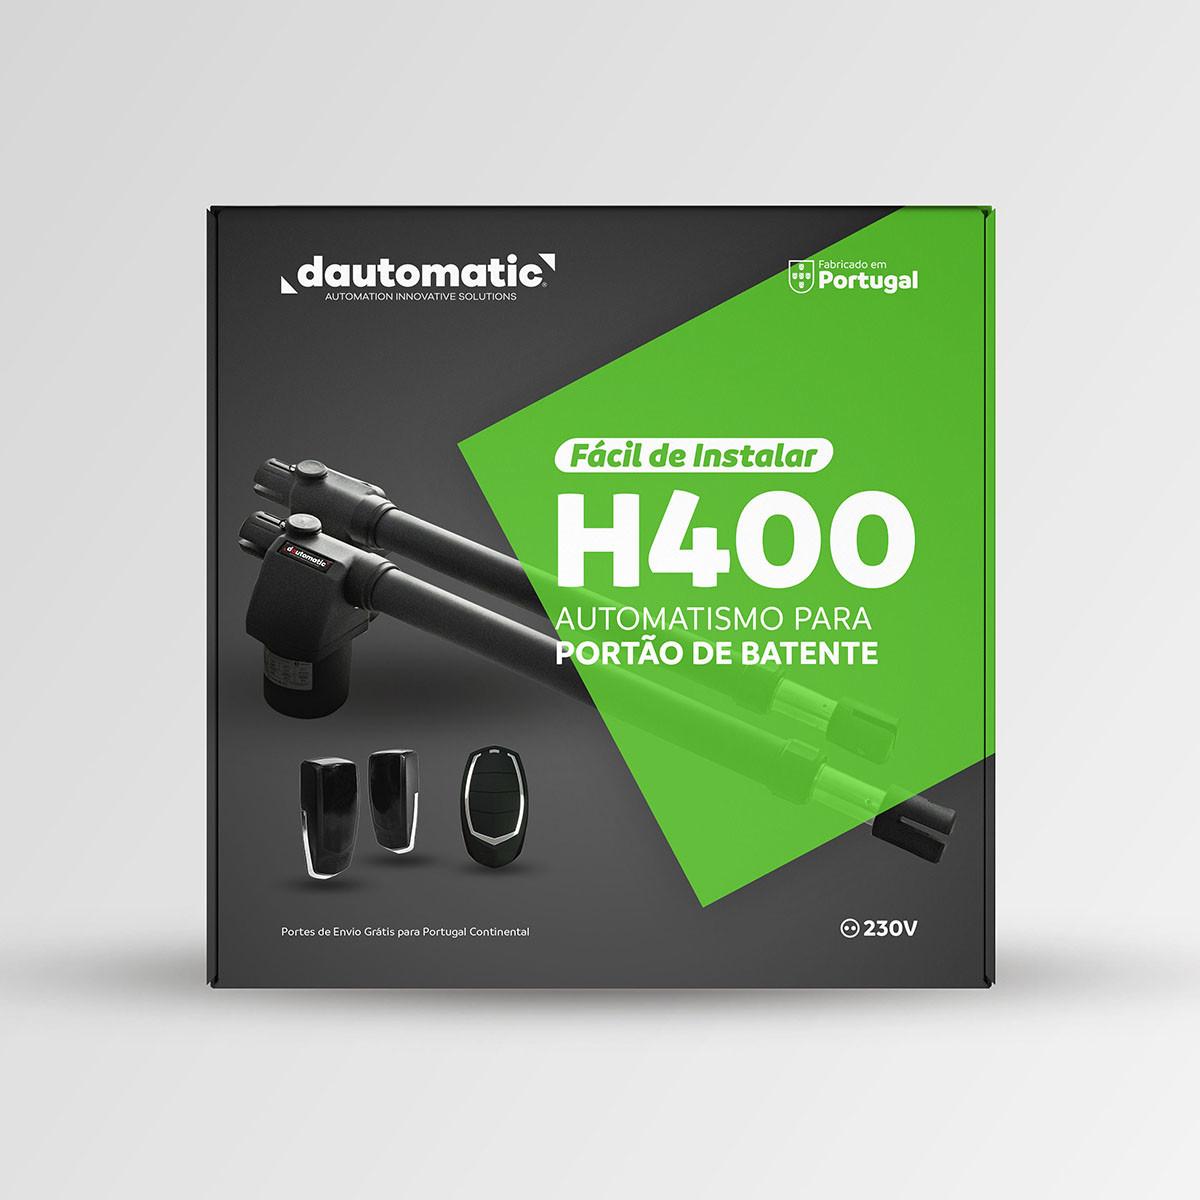 dautomatic h400